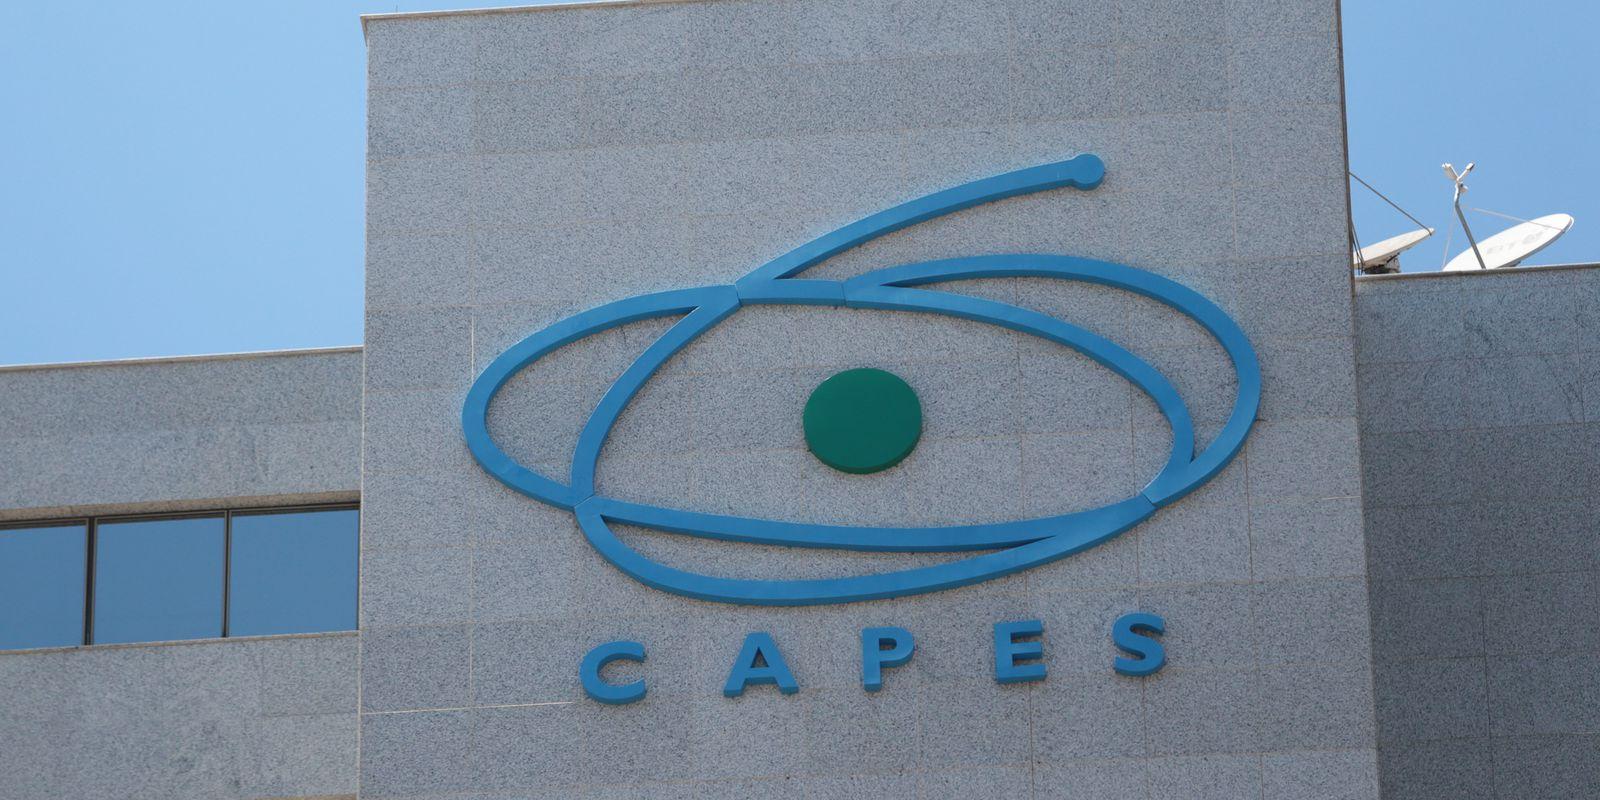 Fachada do edifício-sede da Coordenação de Aperfeiçoamento de Pessoal de Nível Superior (Capes)